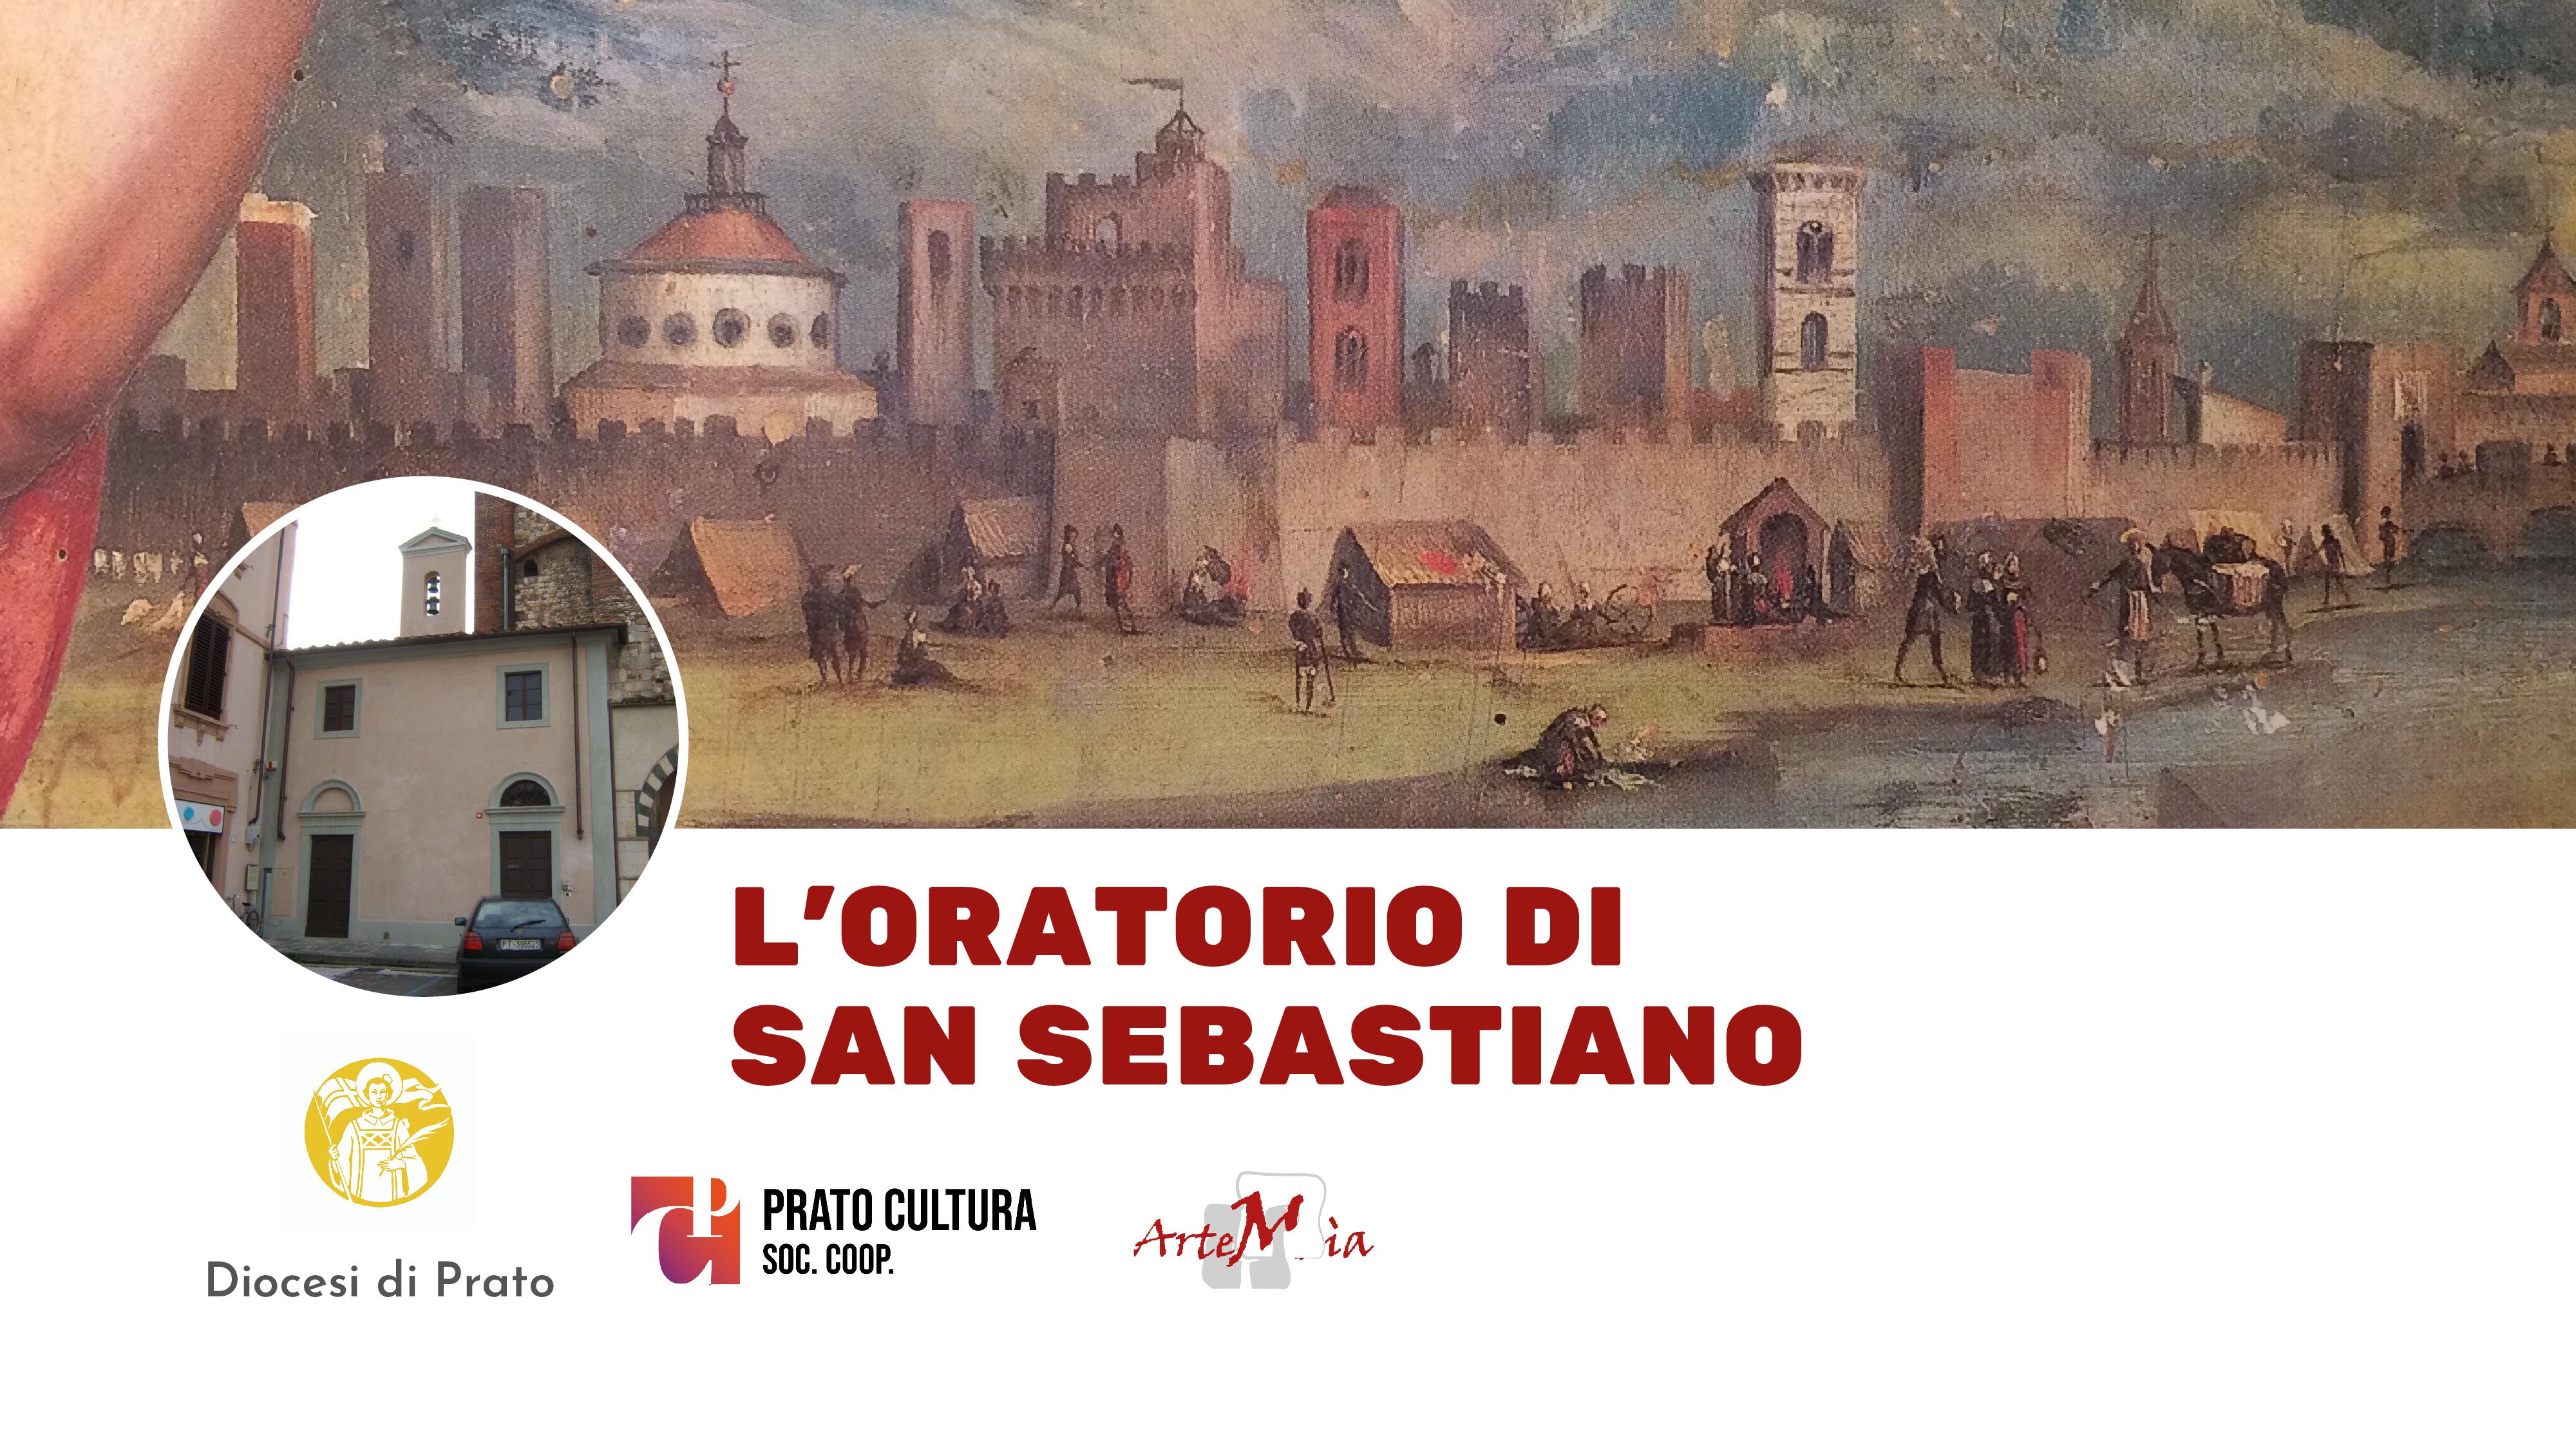 Visita: L'Oratorio di San Sebastiano